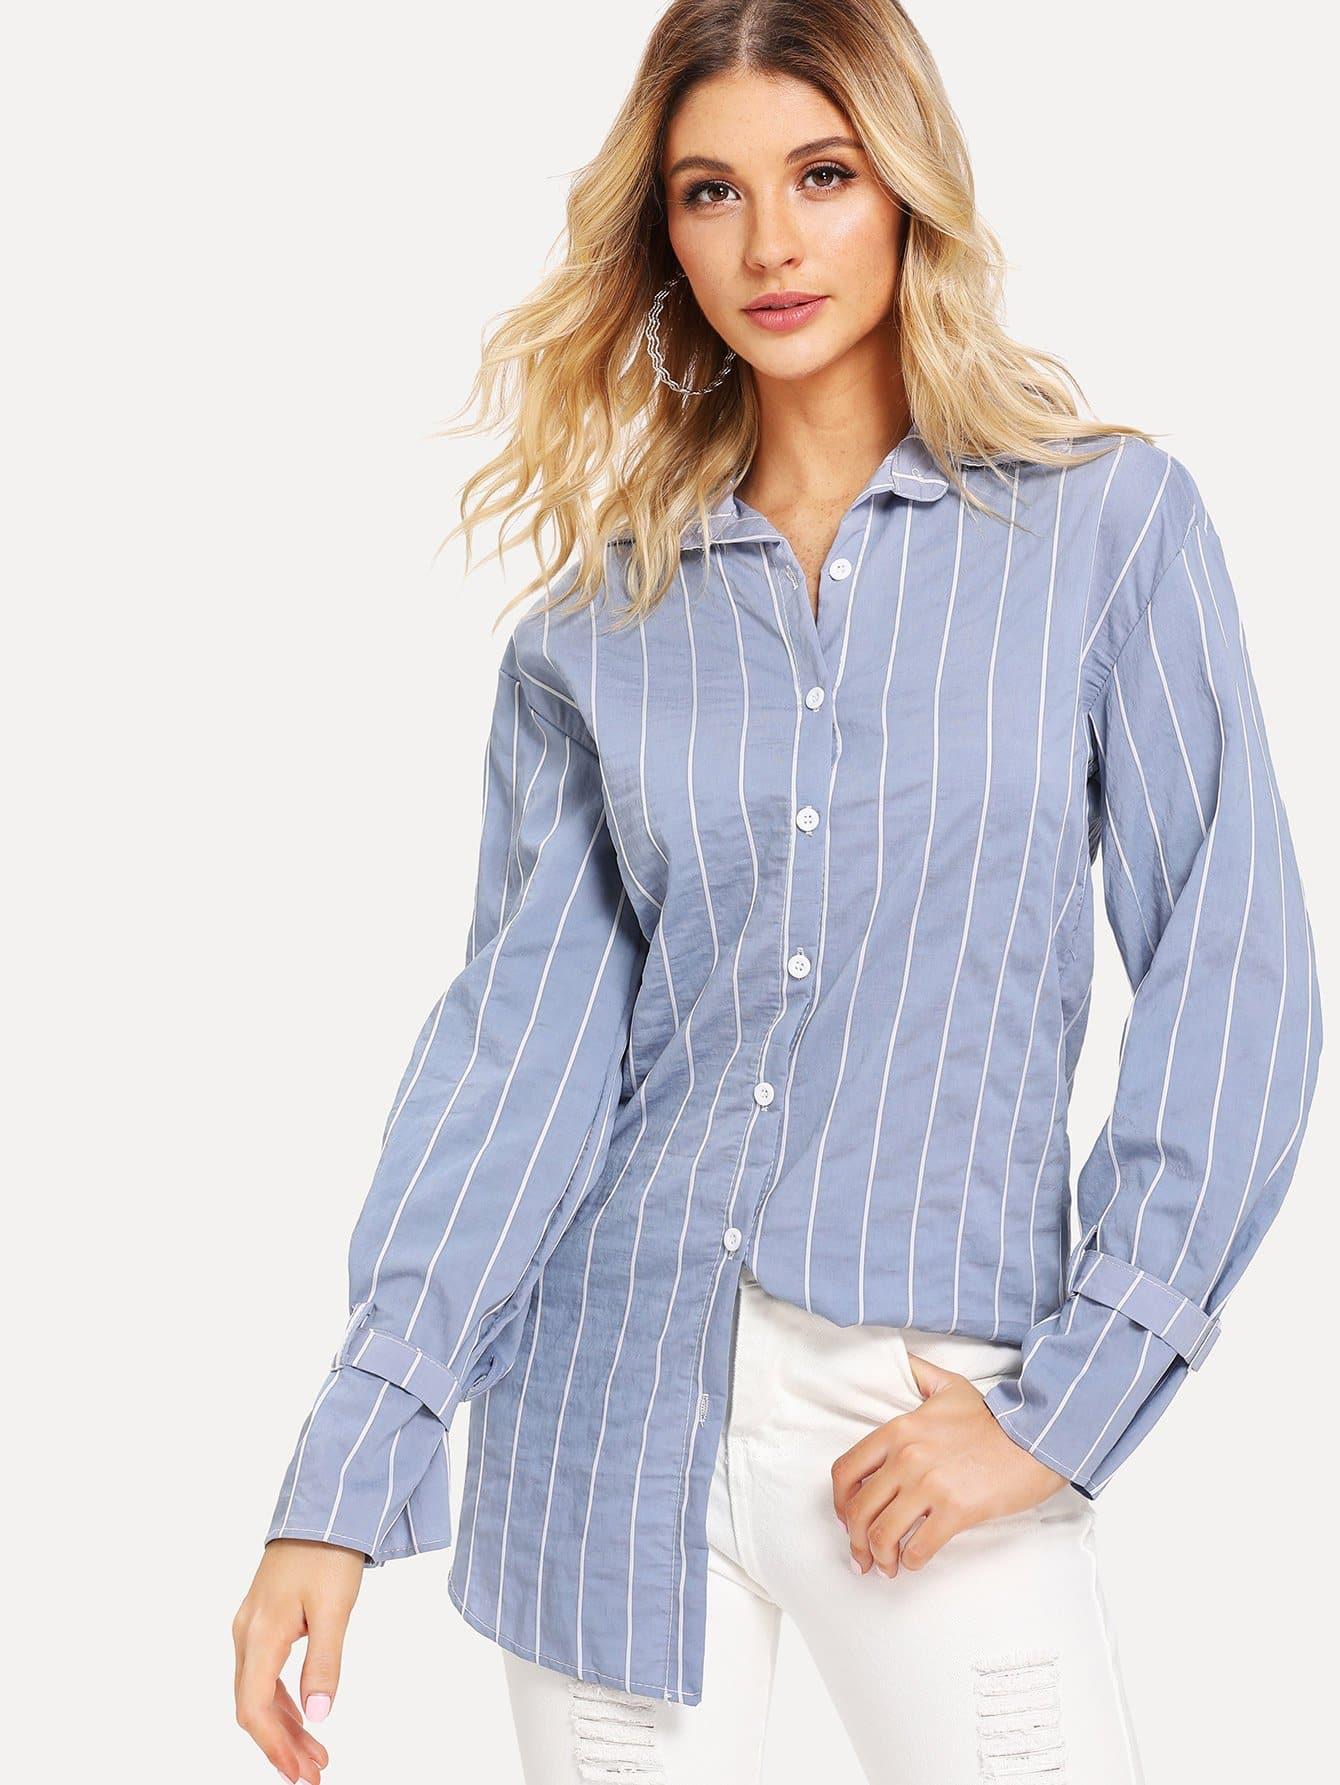 Купить Полосатая рубашка и с украшением пуговицы перед одежды, null, SheIn